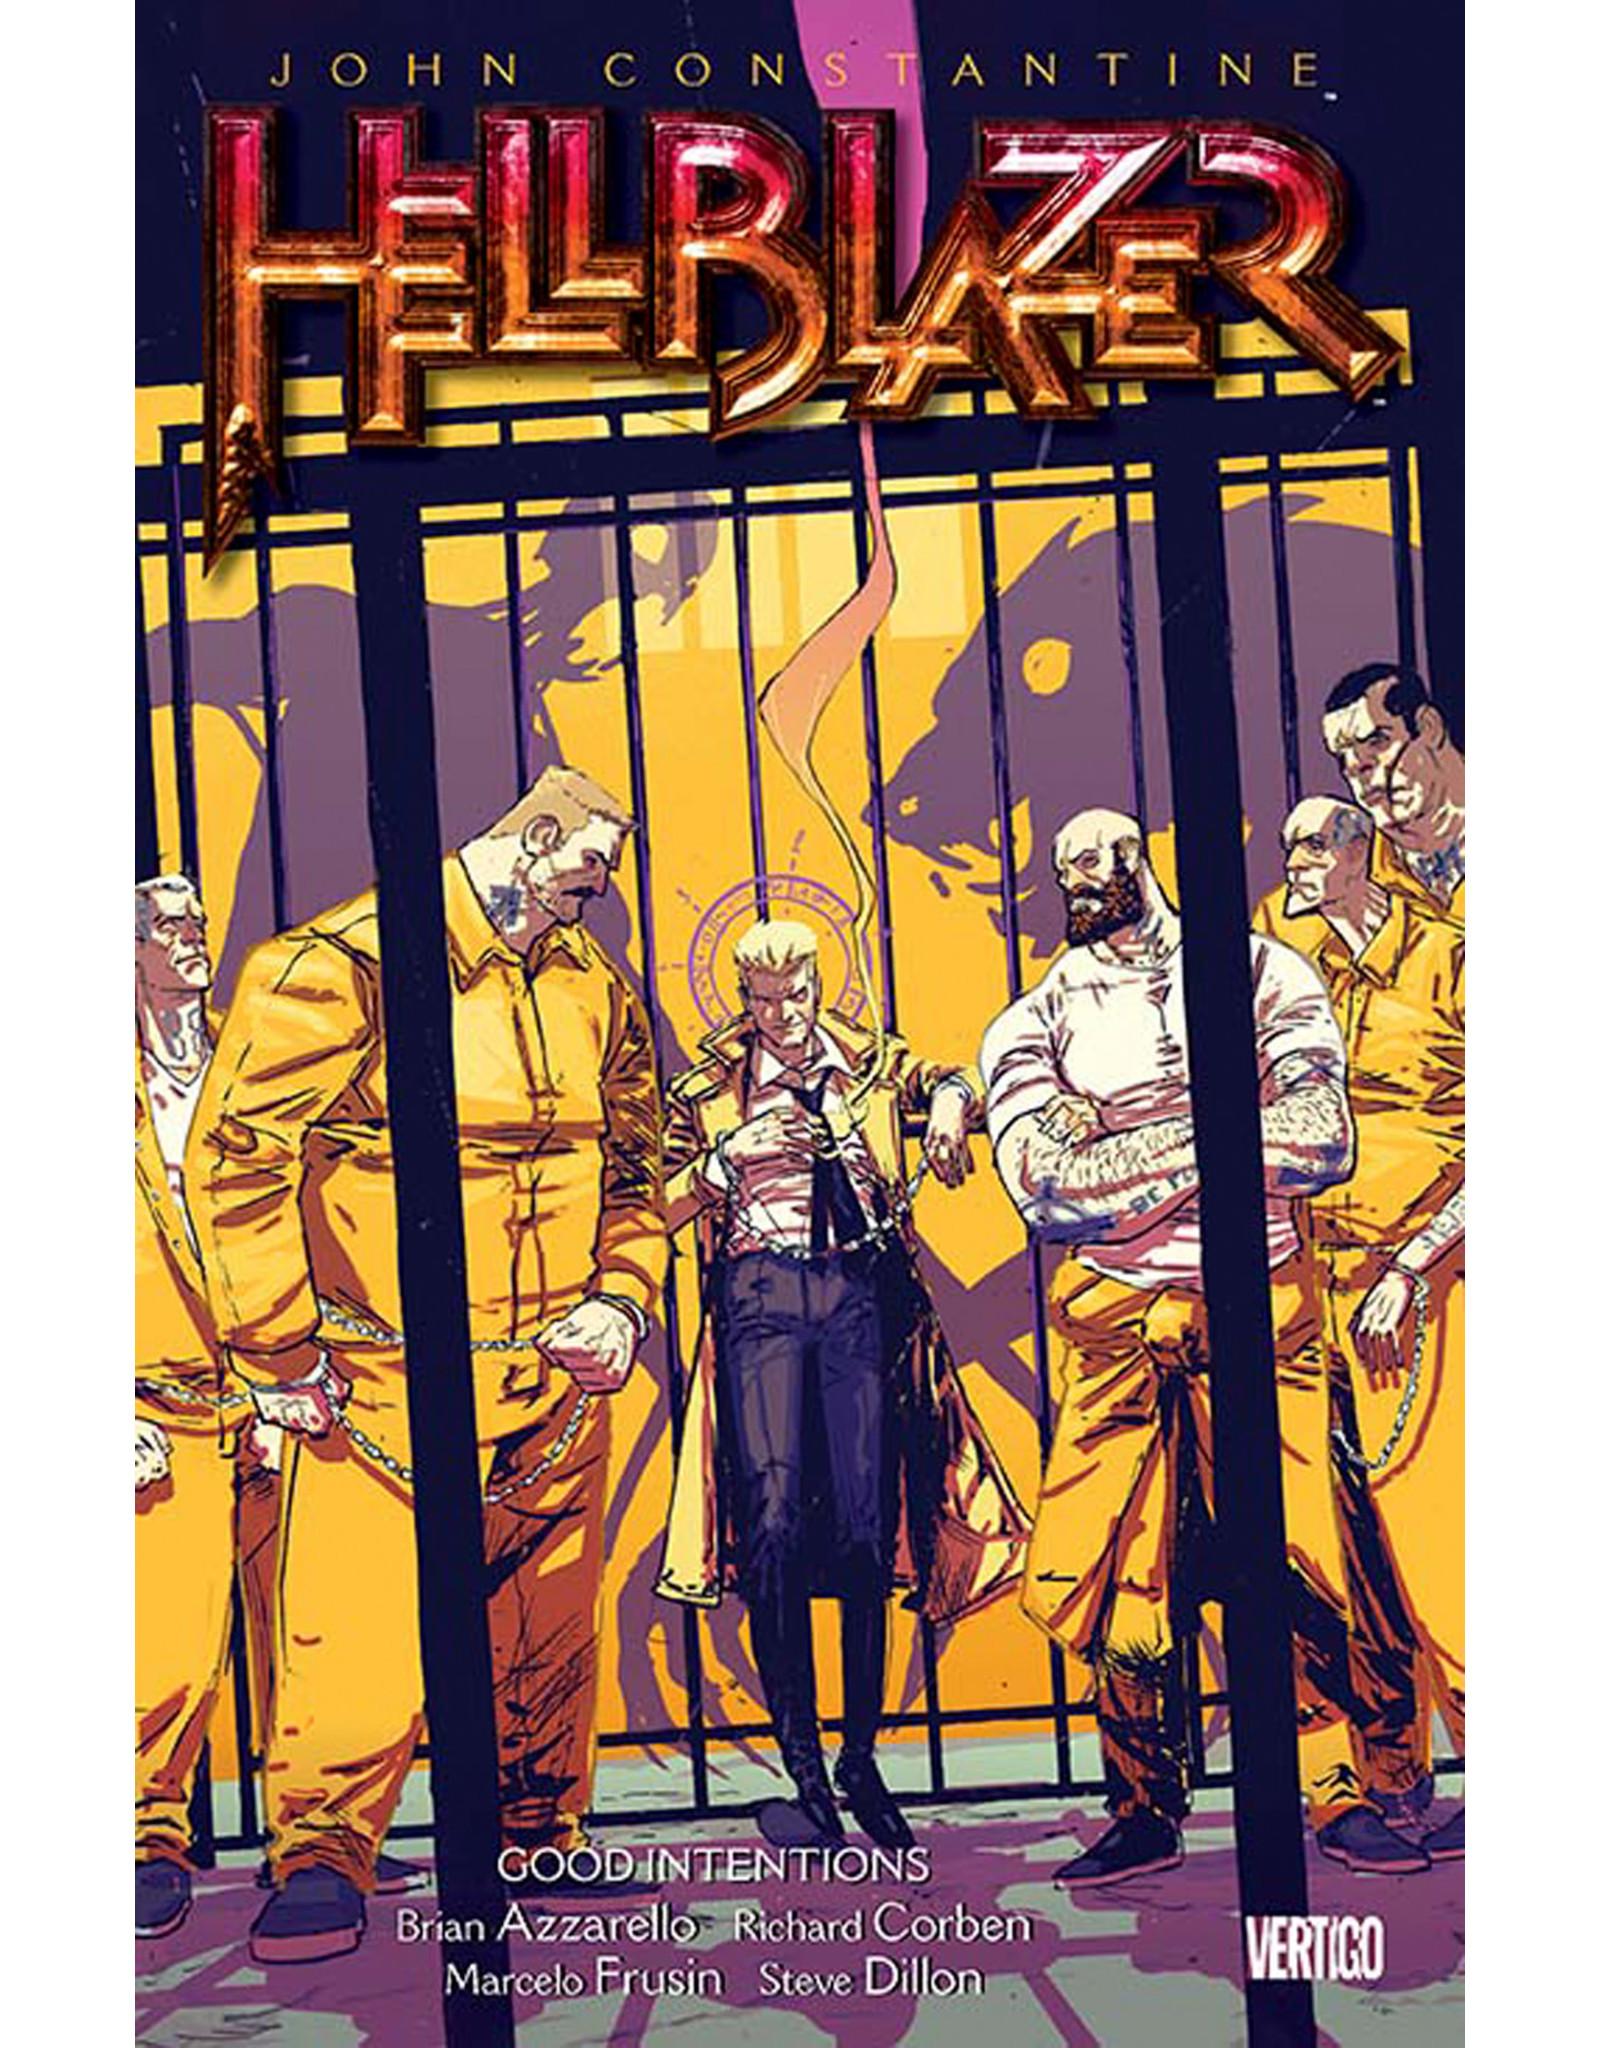 DC COMICS HELLBLAZER TP VOL 14 GOOD INTENTIONS